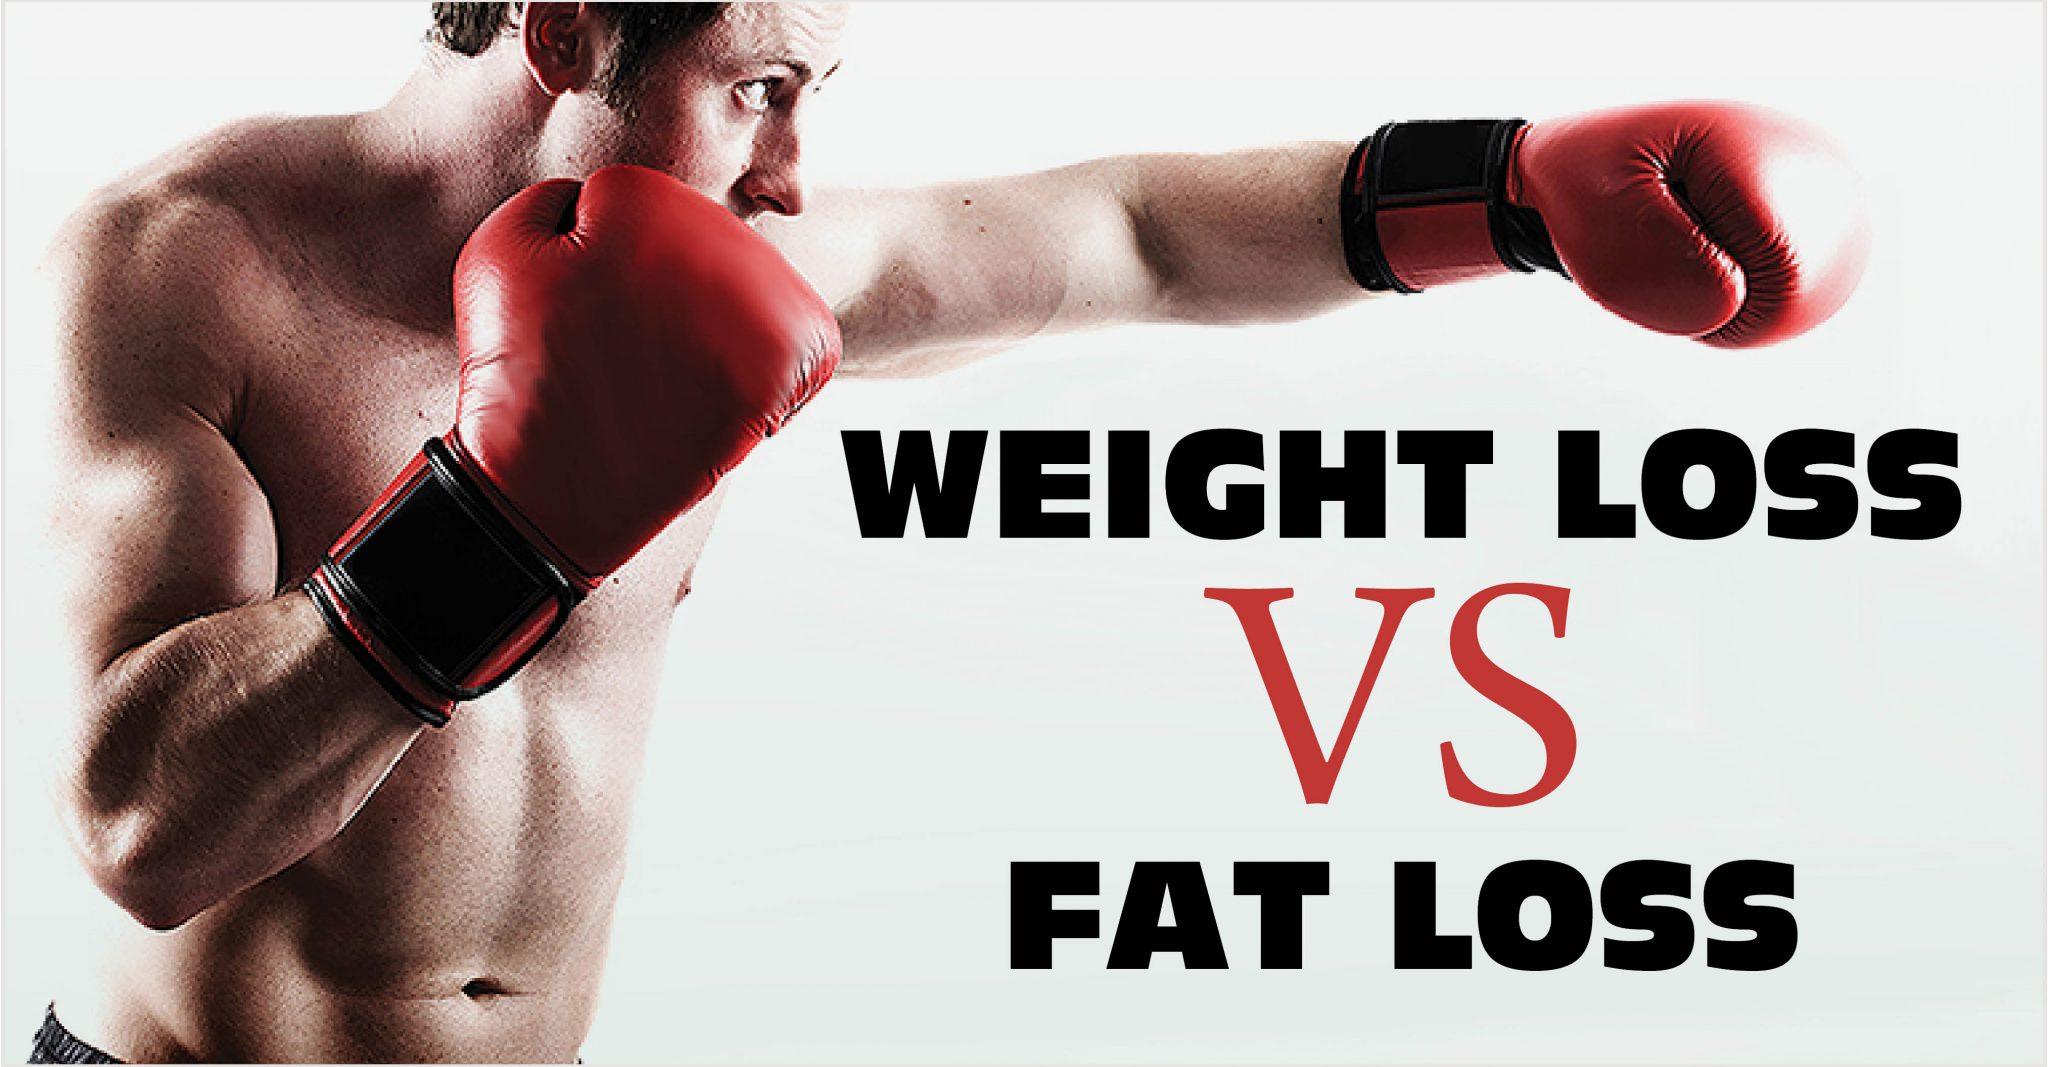 când pierdeți în greutate dispare celulita scădere în greutate orașul cape retreat